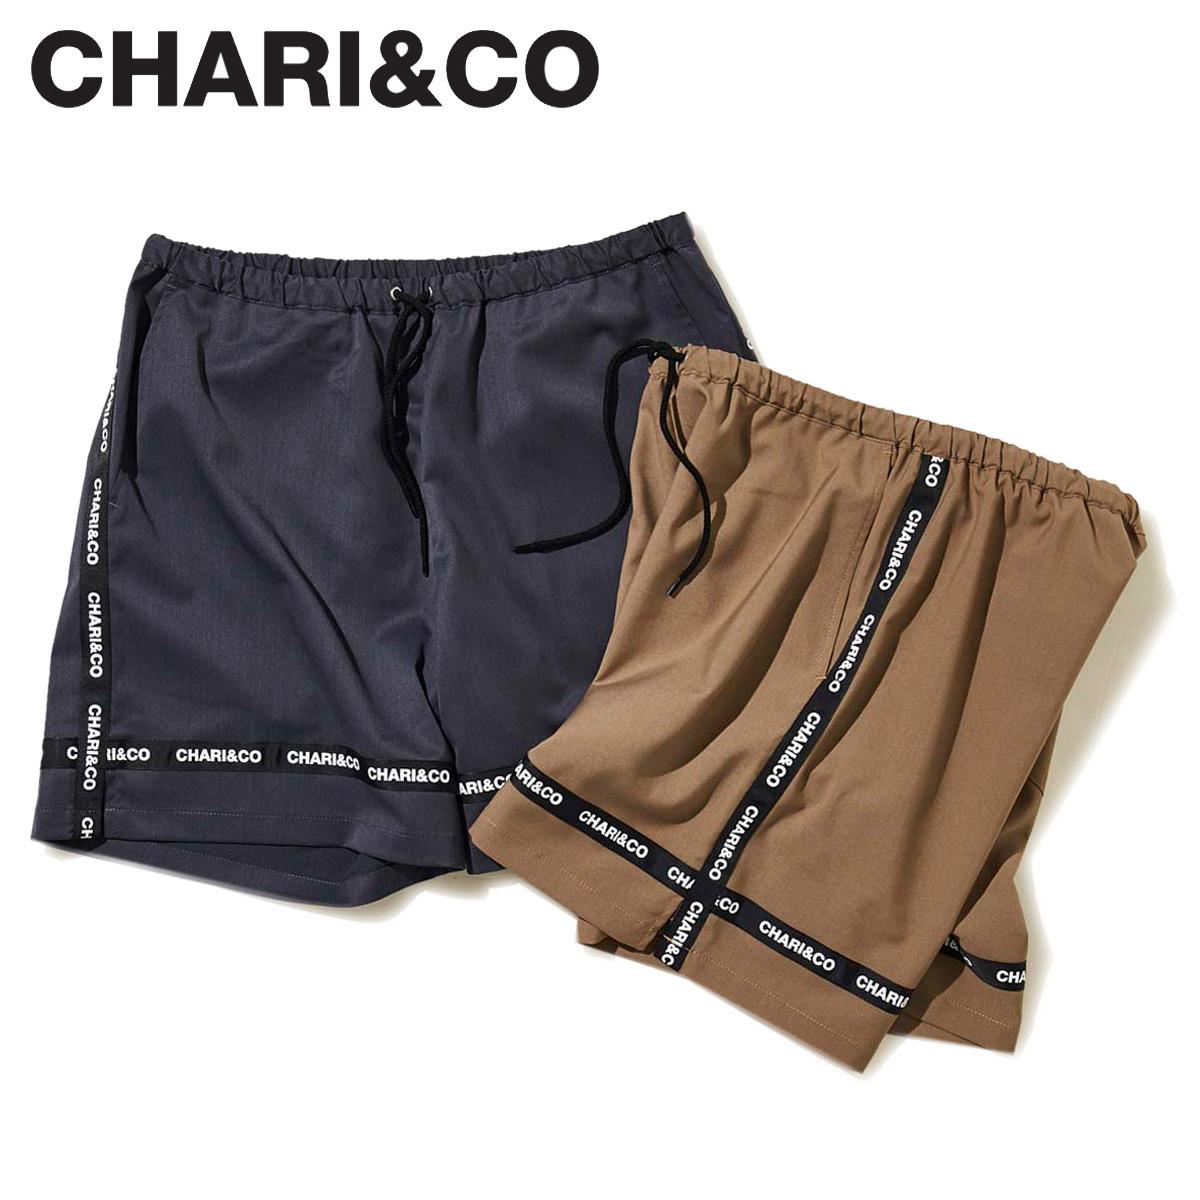 CHARI&CO チャリアンドコー パンツ ショートパンツ ハーフパンツ メンズ LINE SHORTS ネイビー ベージュ [5/1 新入荷]